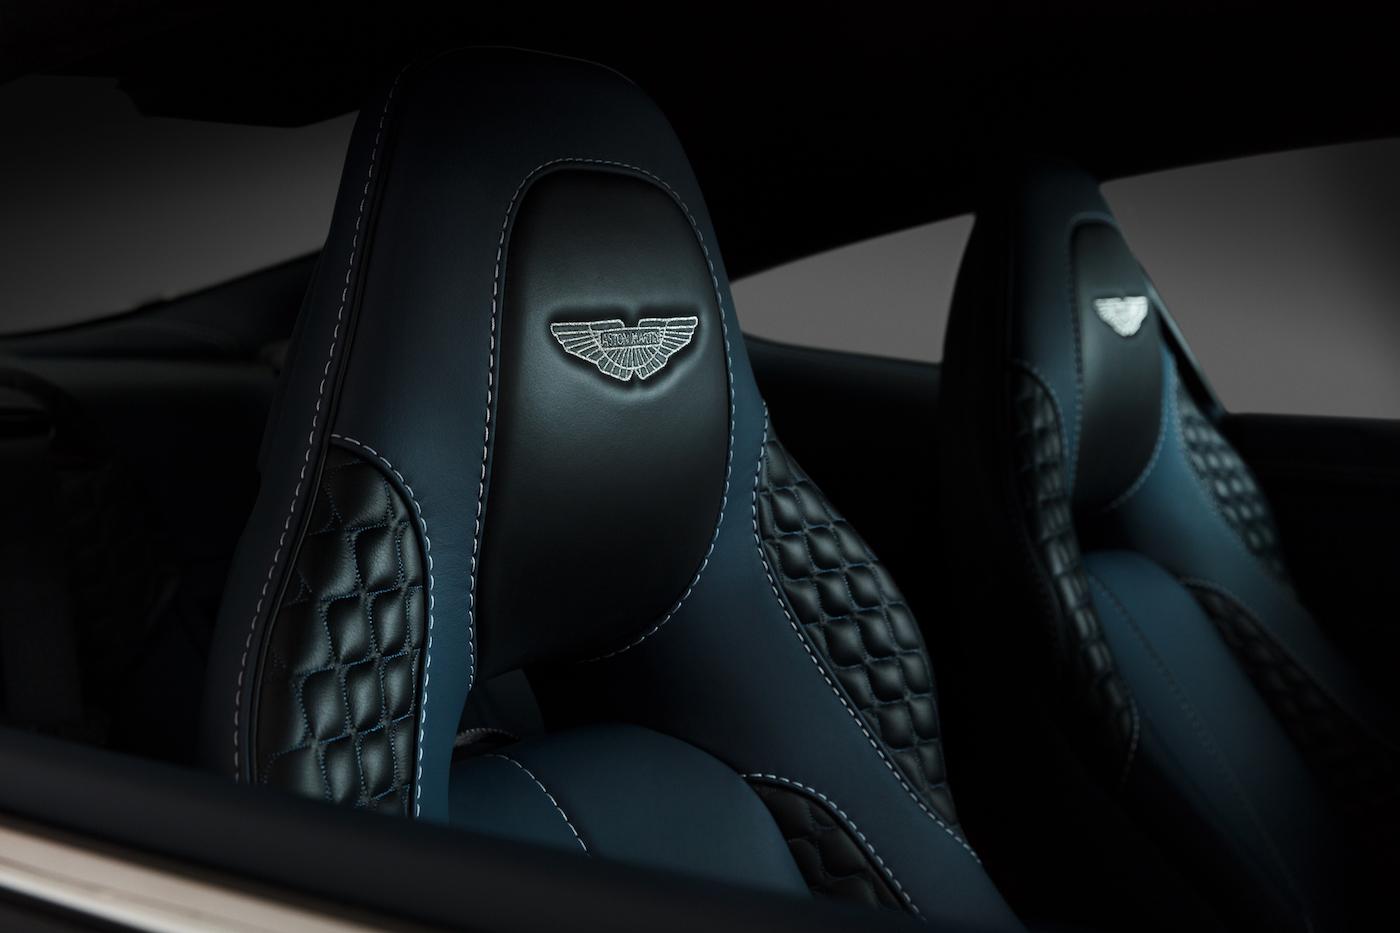 007: Daniel Craig's Aston Martin Vanquish wird in New York versteigert 8